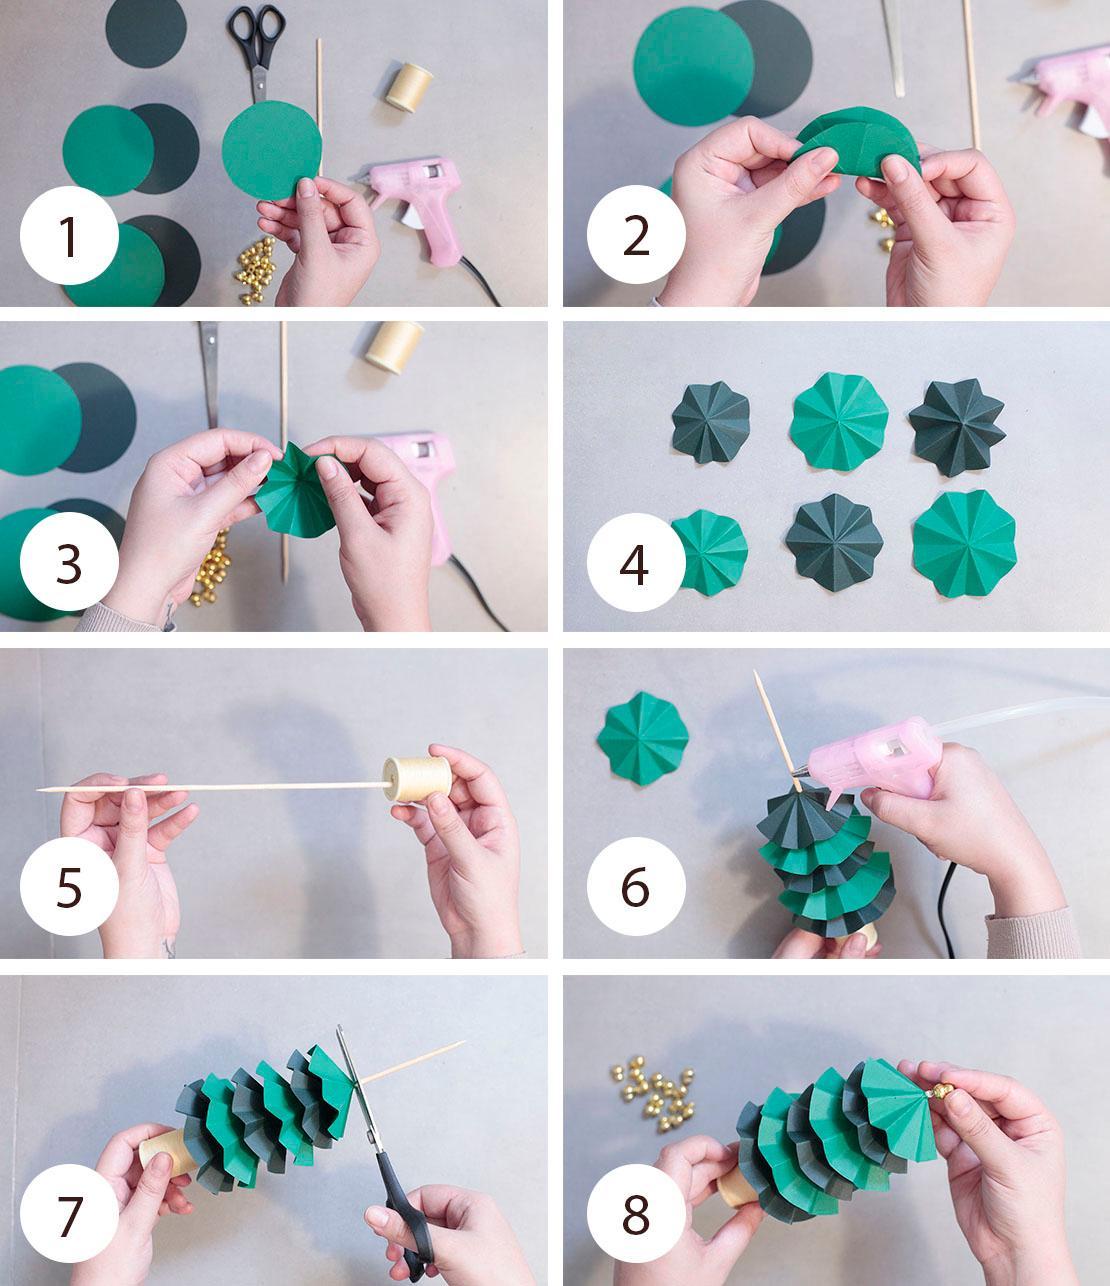 Pasos para hacer árbol de Navidad